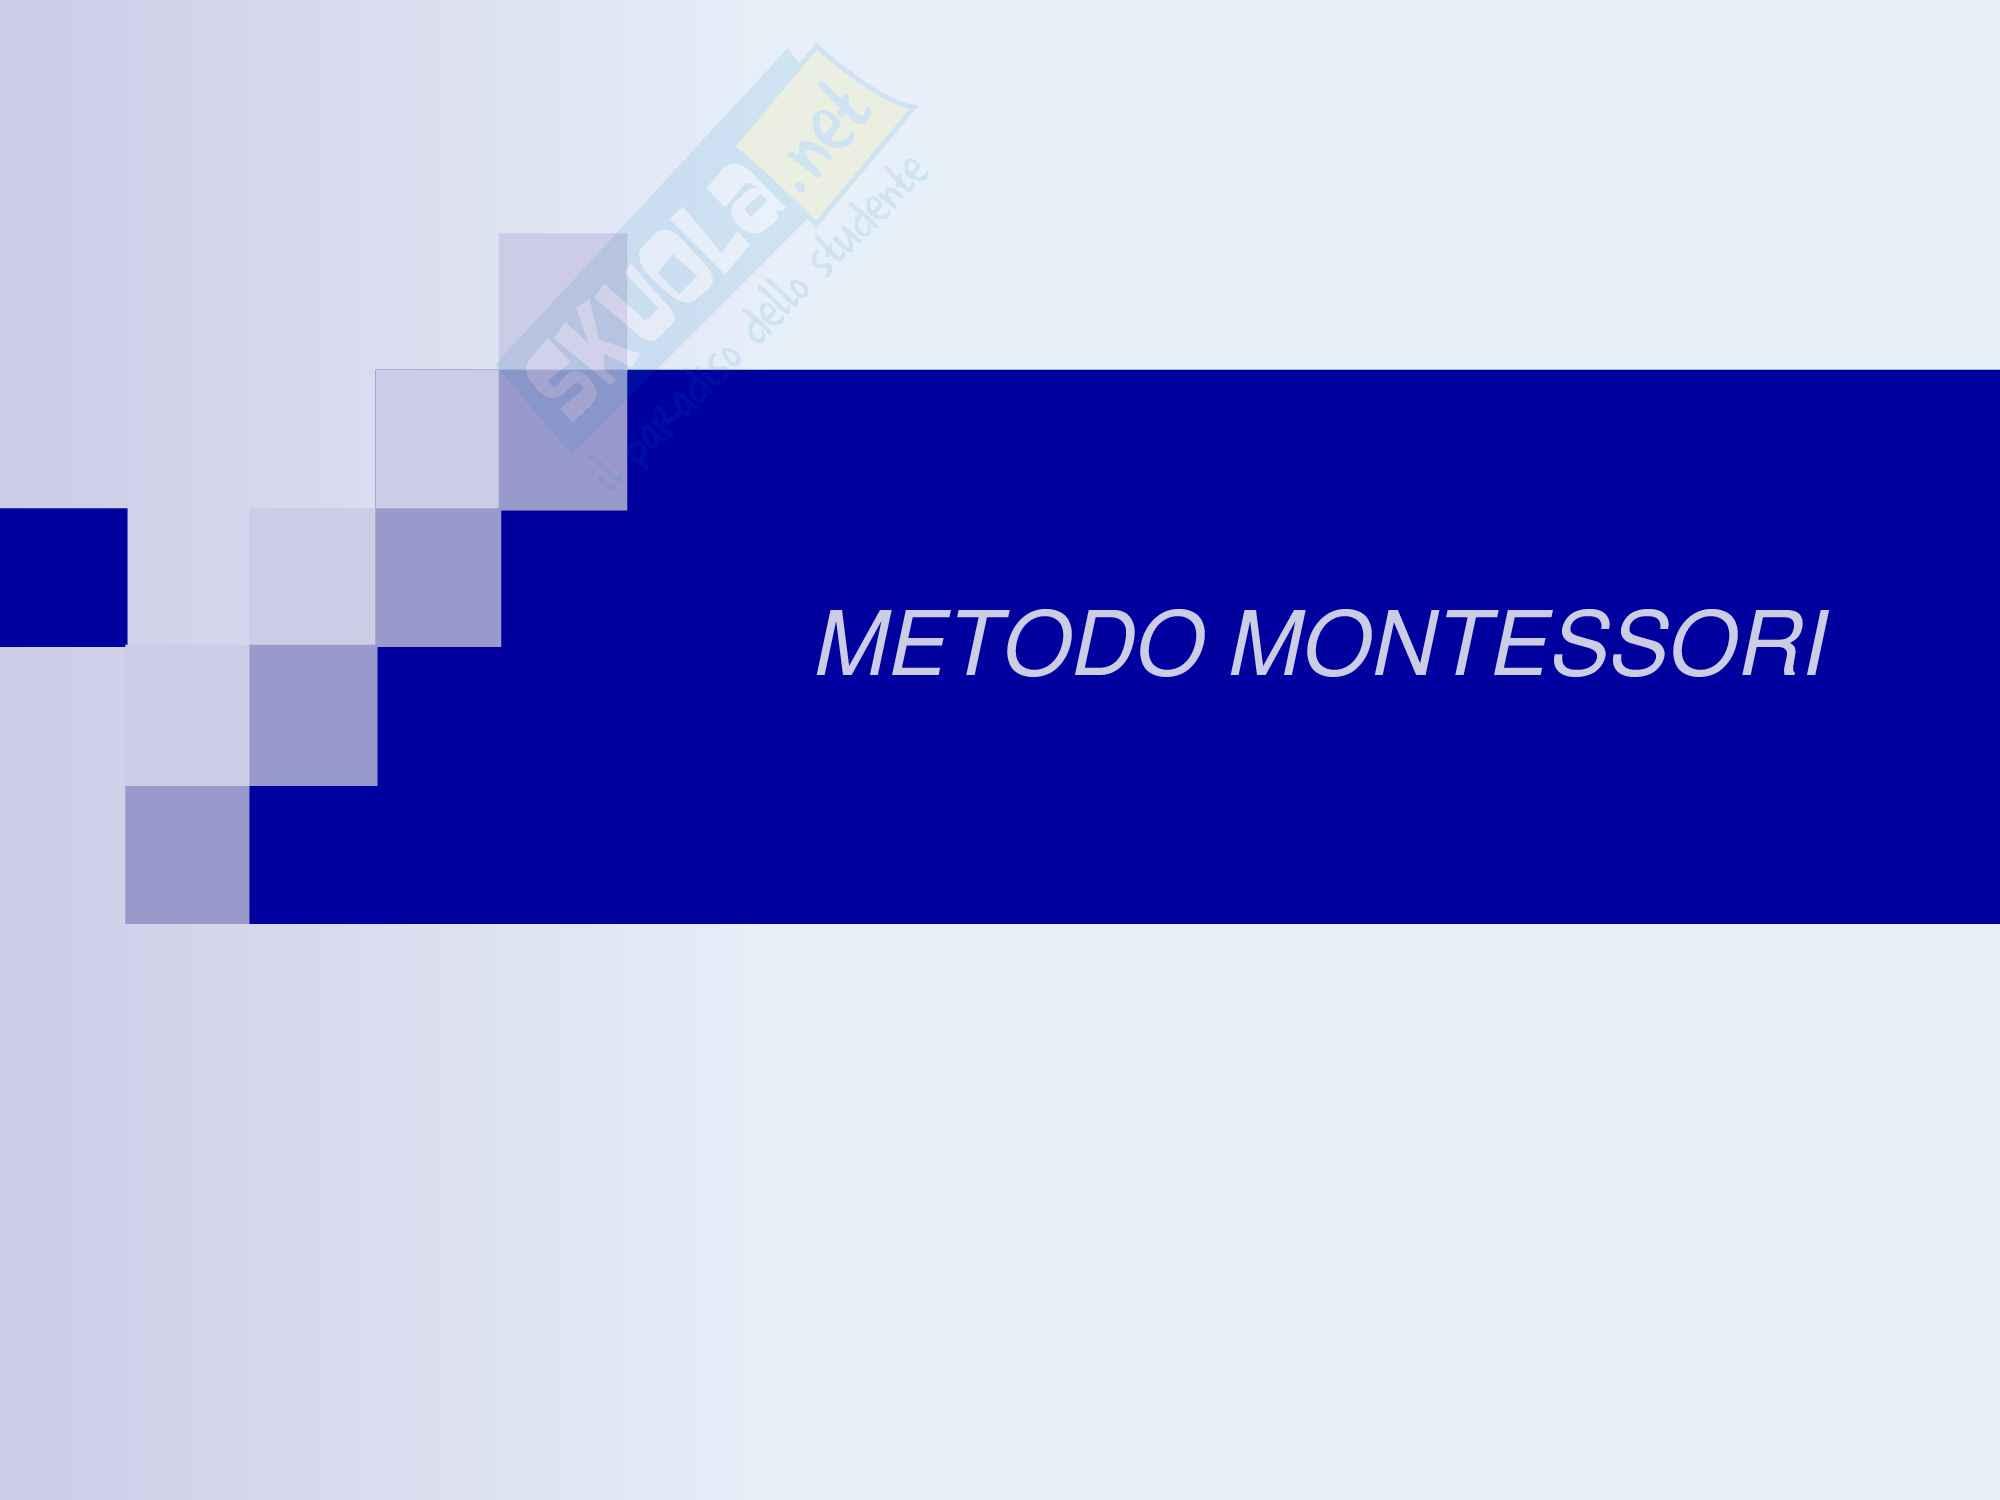 Metodo montessoriano, Maria Montessori